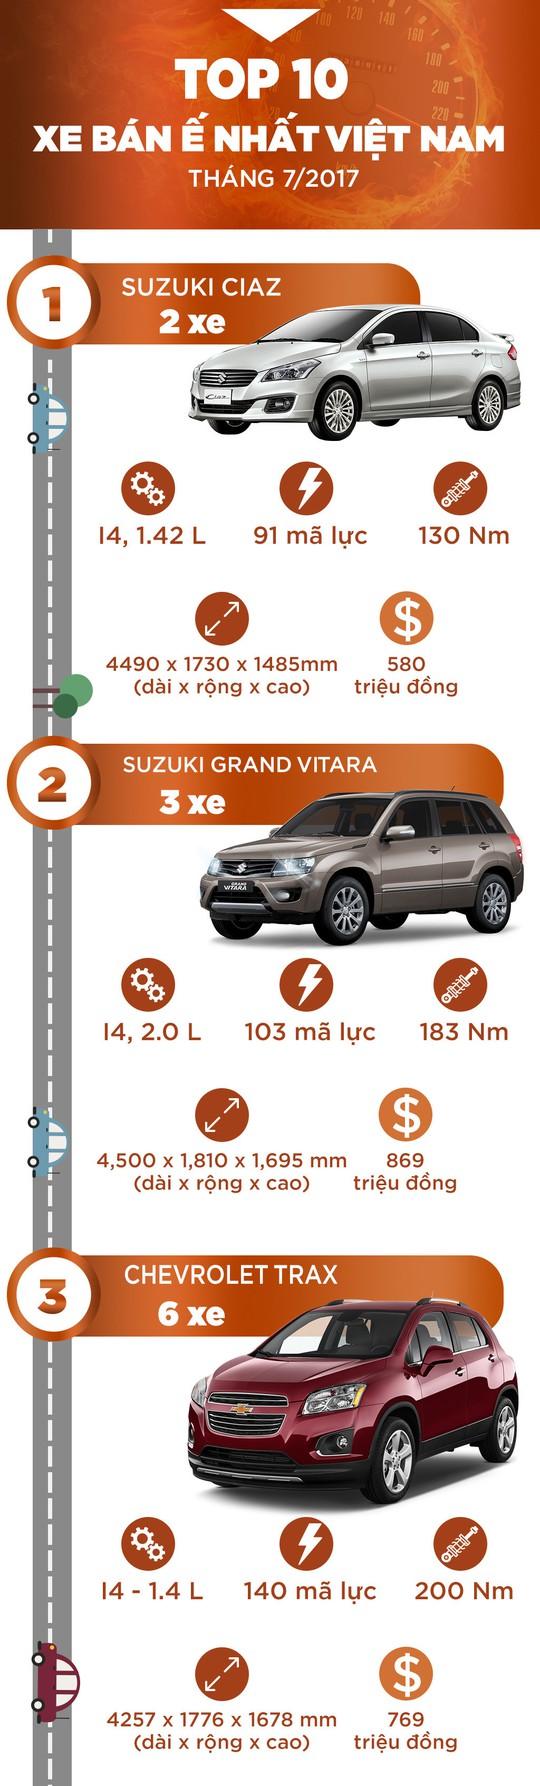 10 xe hơi ế nhất Việt Nam trong tháng 7 - Ảnh 1.